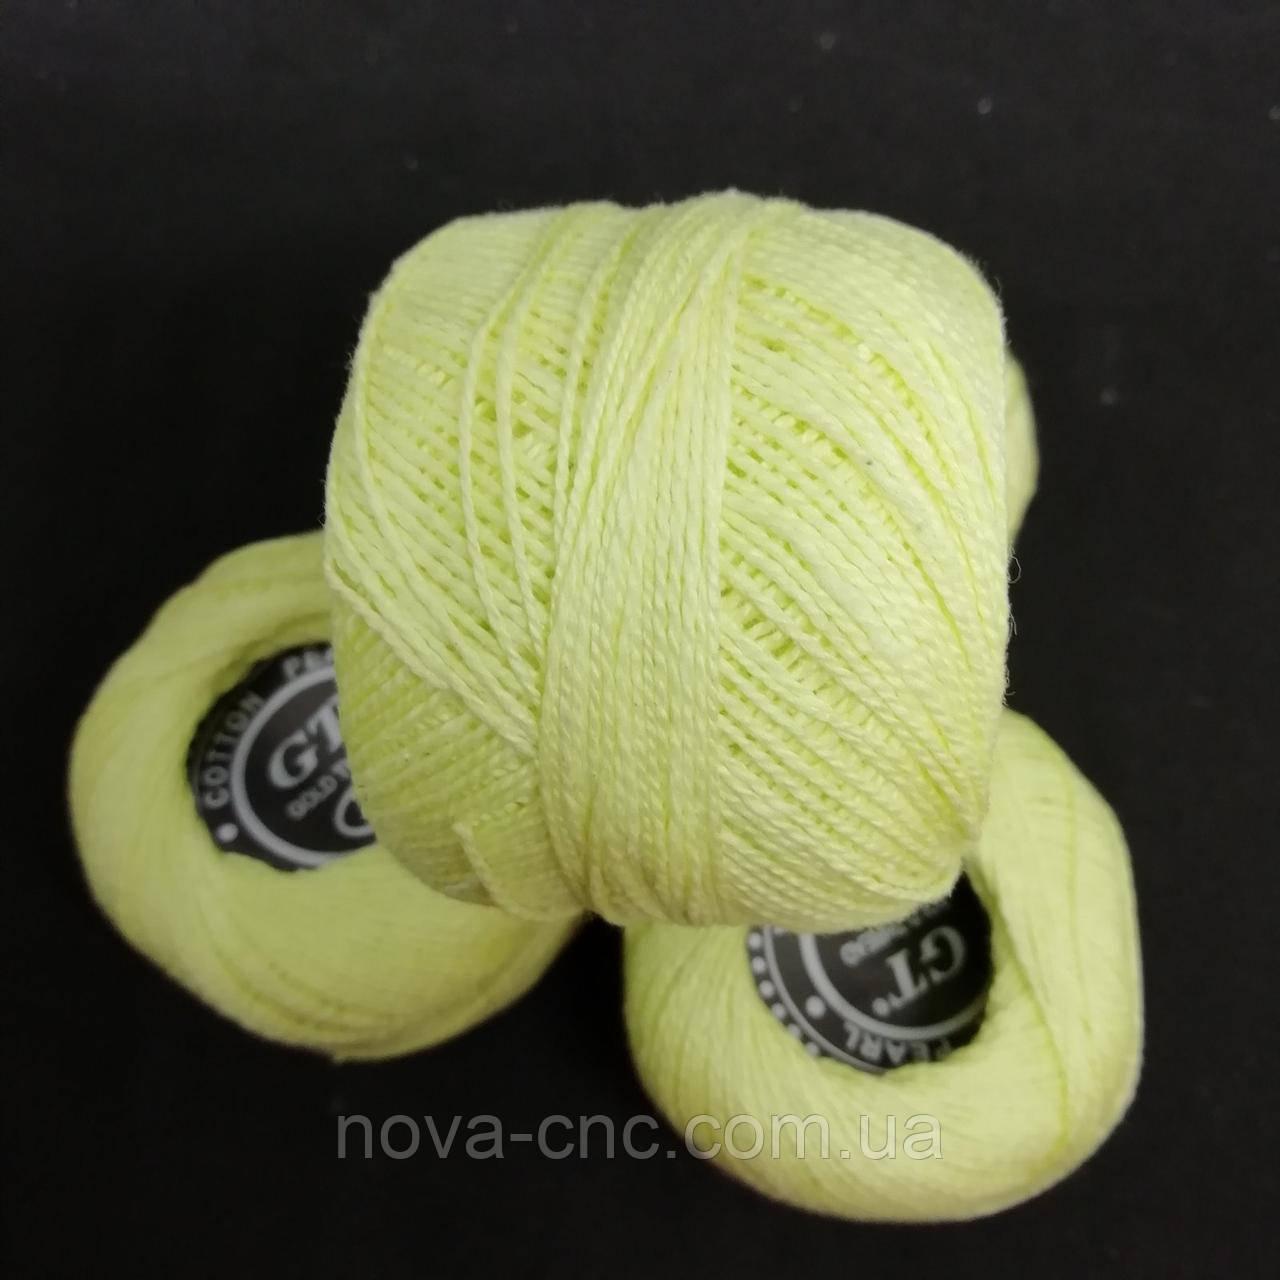 Хлопок Пряжа Ирис №8/ 10 грамм лимонный Упаковка 10 штук Тон 506